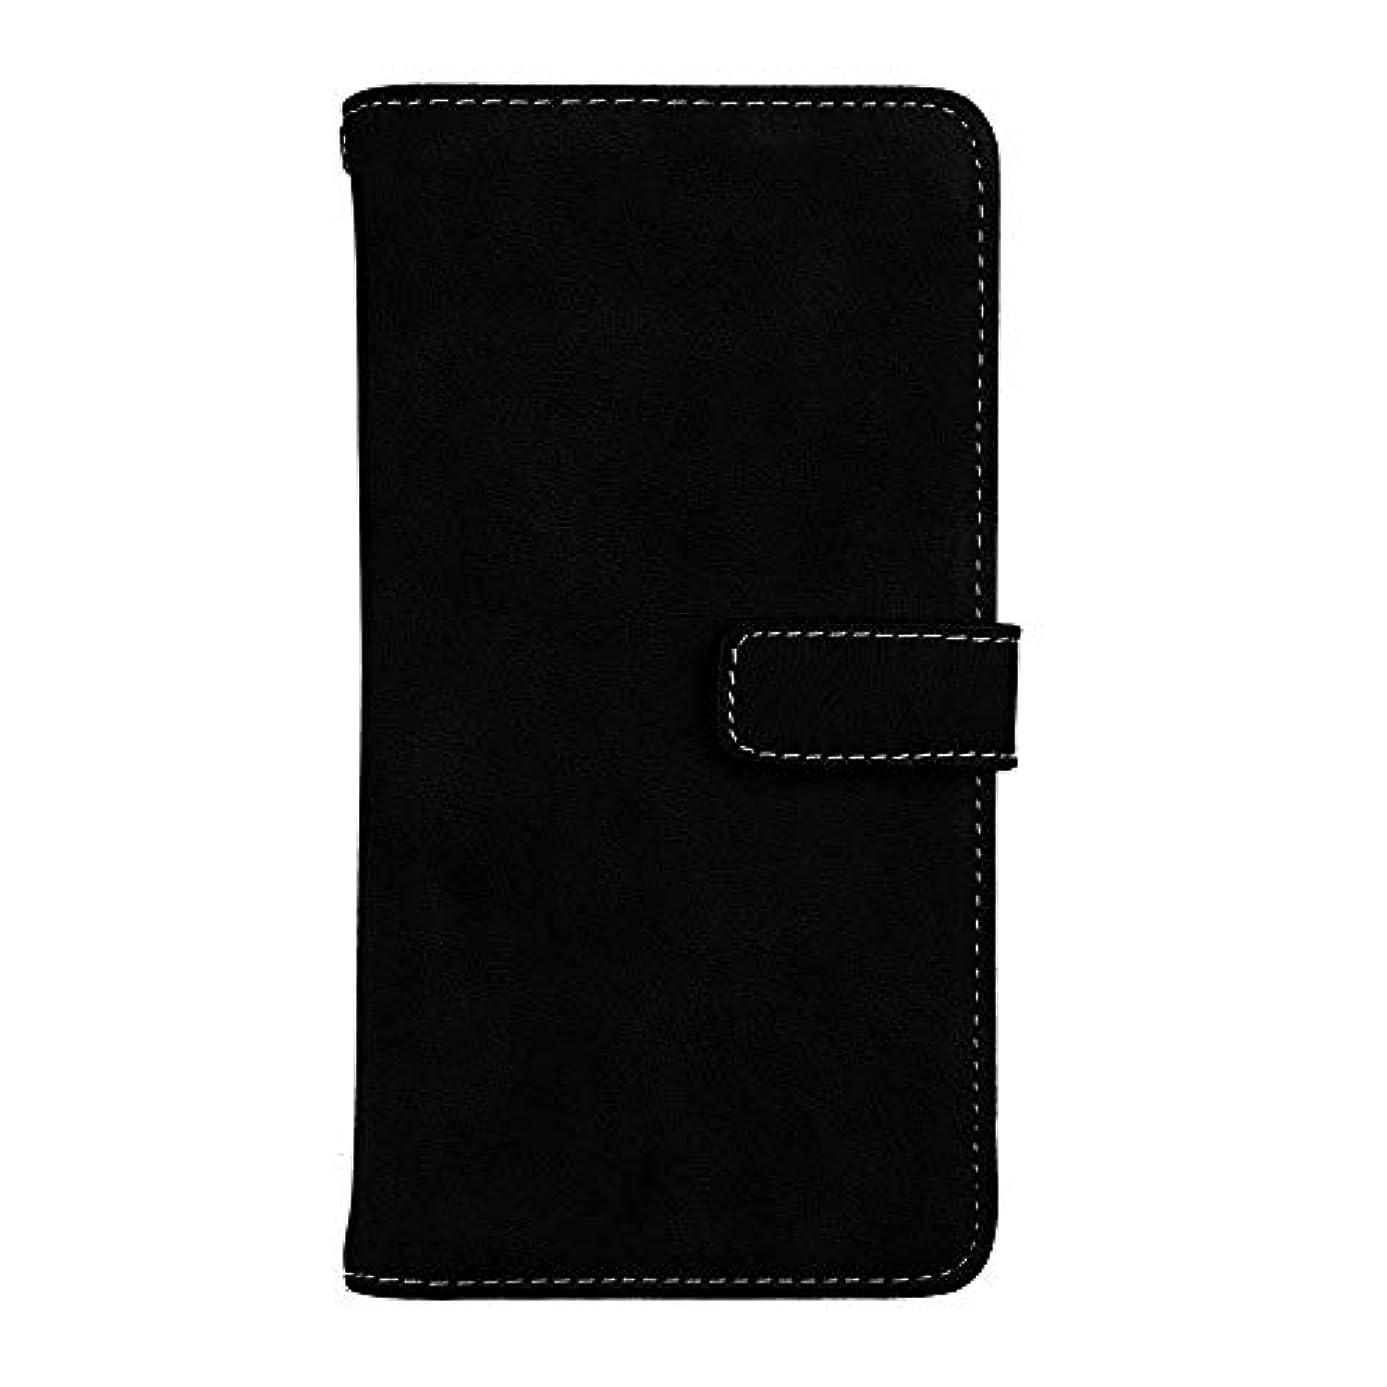 エスカレーターいちゃつくカトリック教徒Xiaomi Redmi Note 5 高品質 マグネット ケース, CUNUS 携帯電話 ケース 軽量 柔軟 高品質 耐摩擦 カード収納 カバー Xiaomi Redmi Note 5 用, ブラック